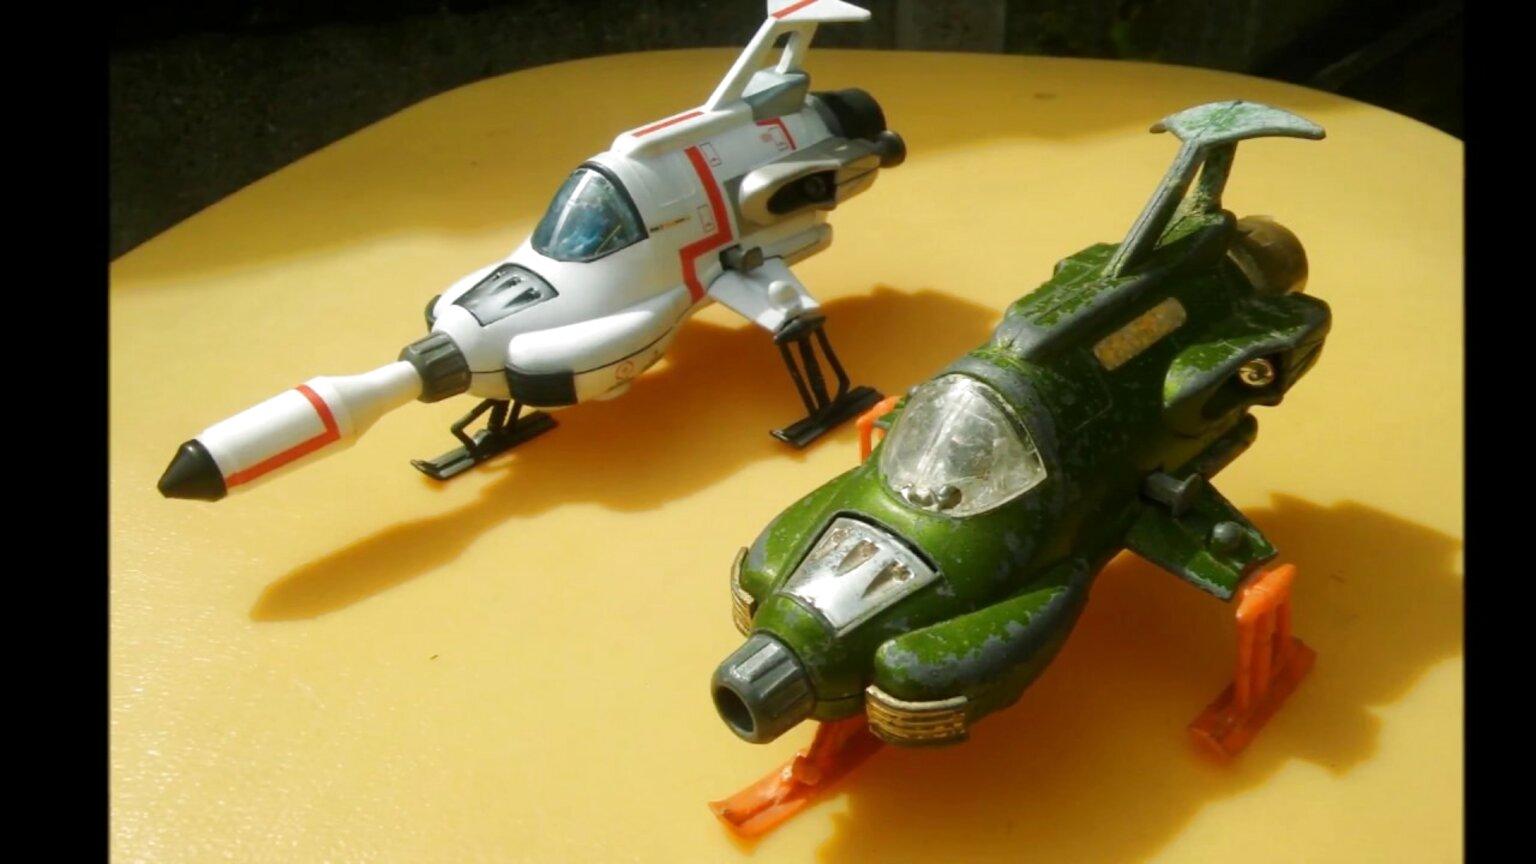 ufo interceptor for sale